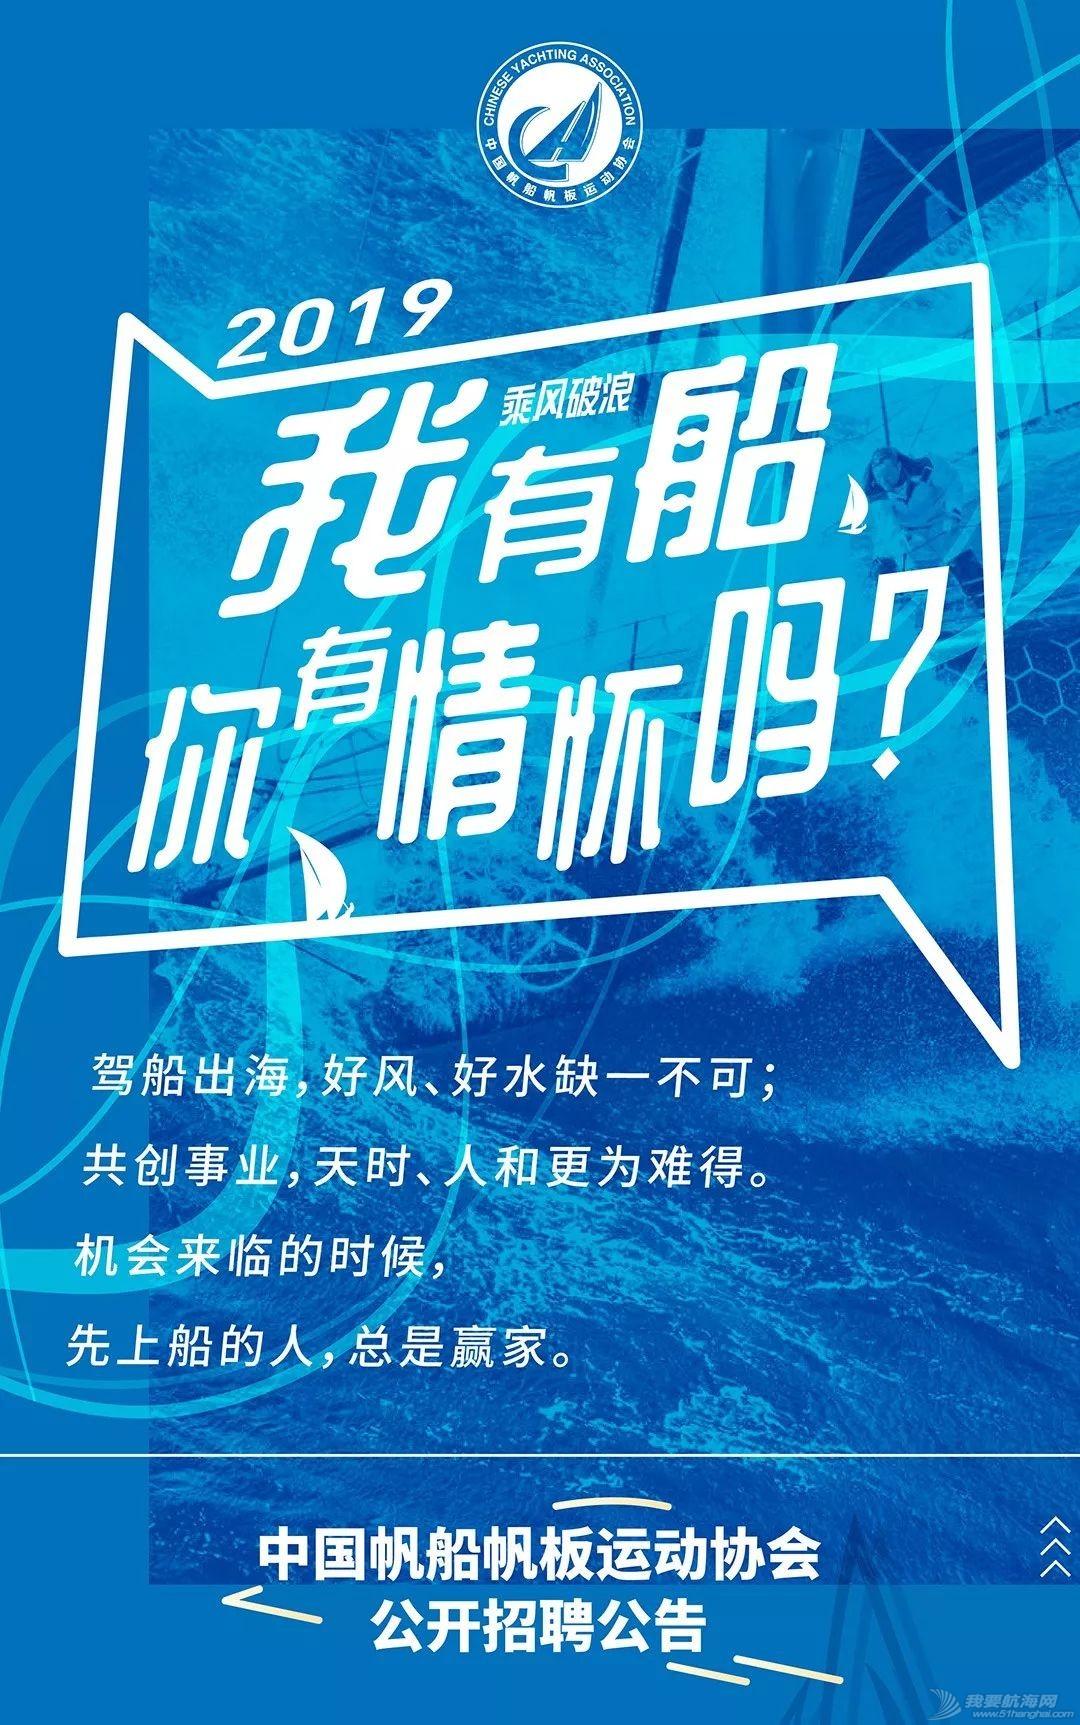 中国帆船帆板运动协会公开招聘 简历投递4月5日截止w25.jpg